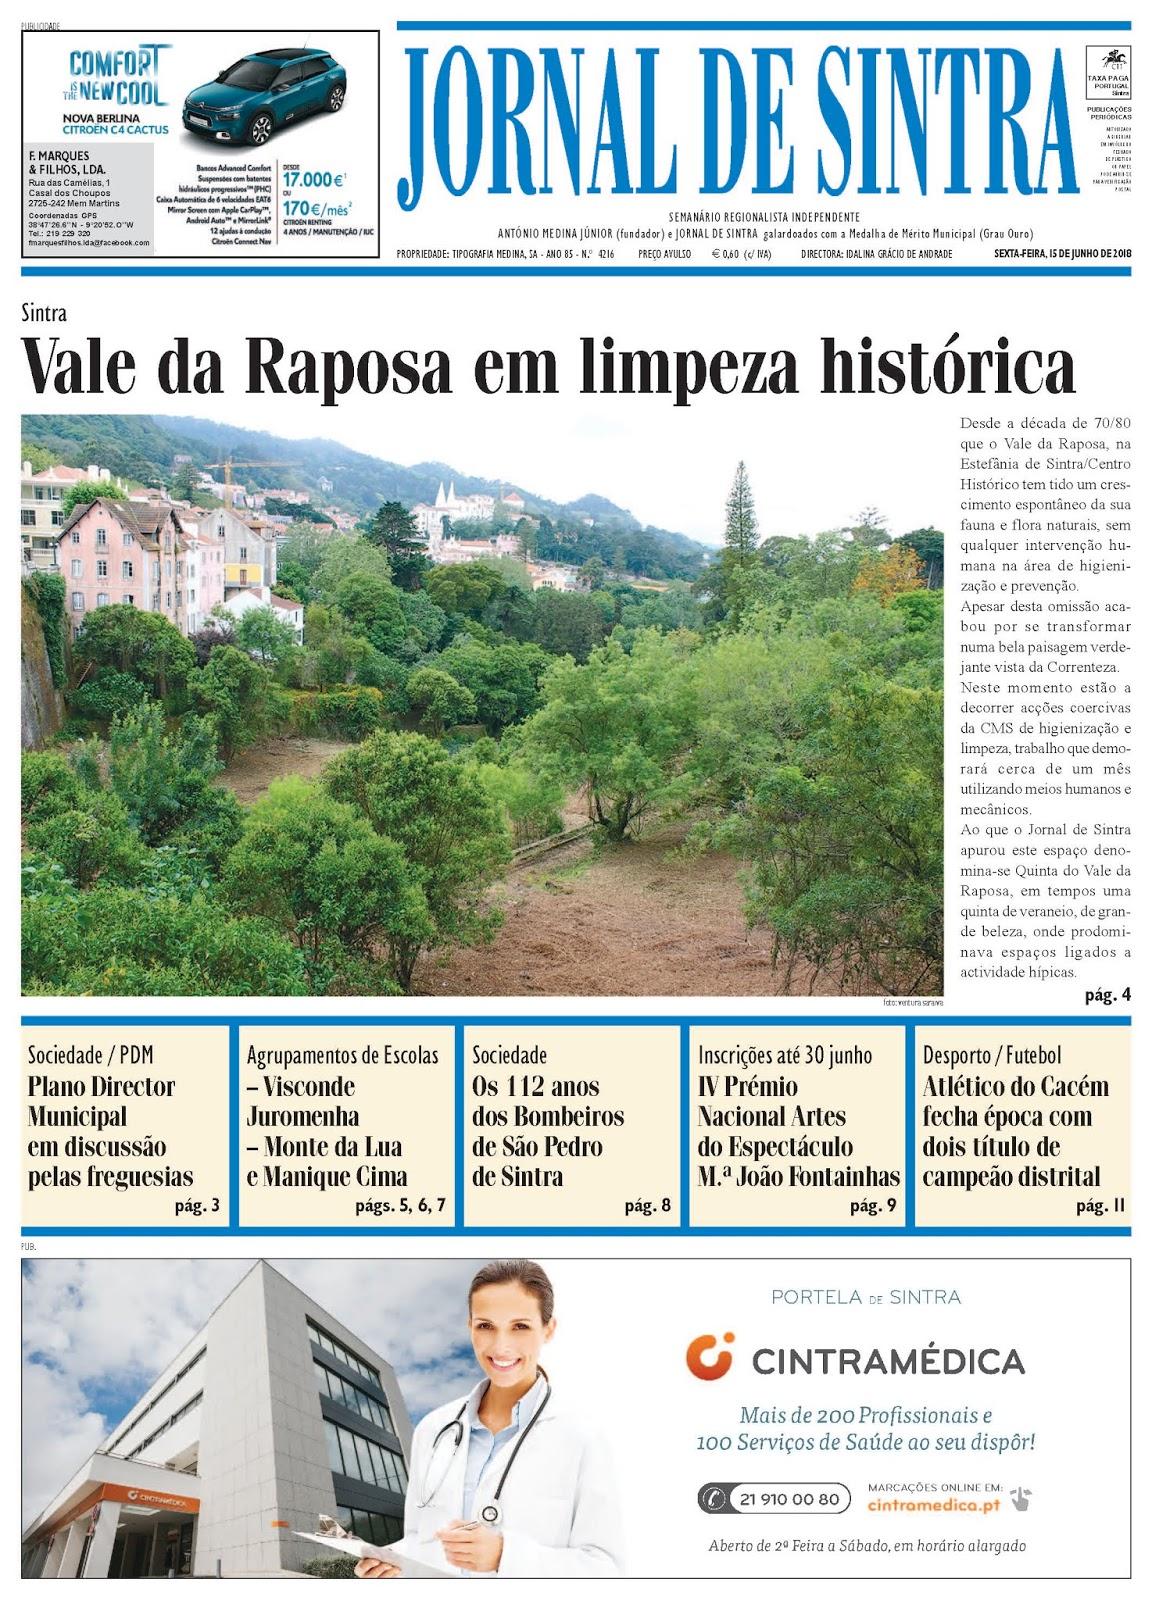 Capa da edição de 15-06-2018